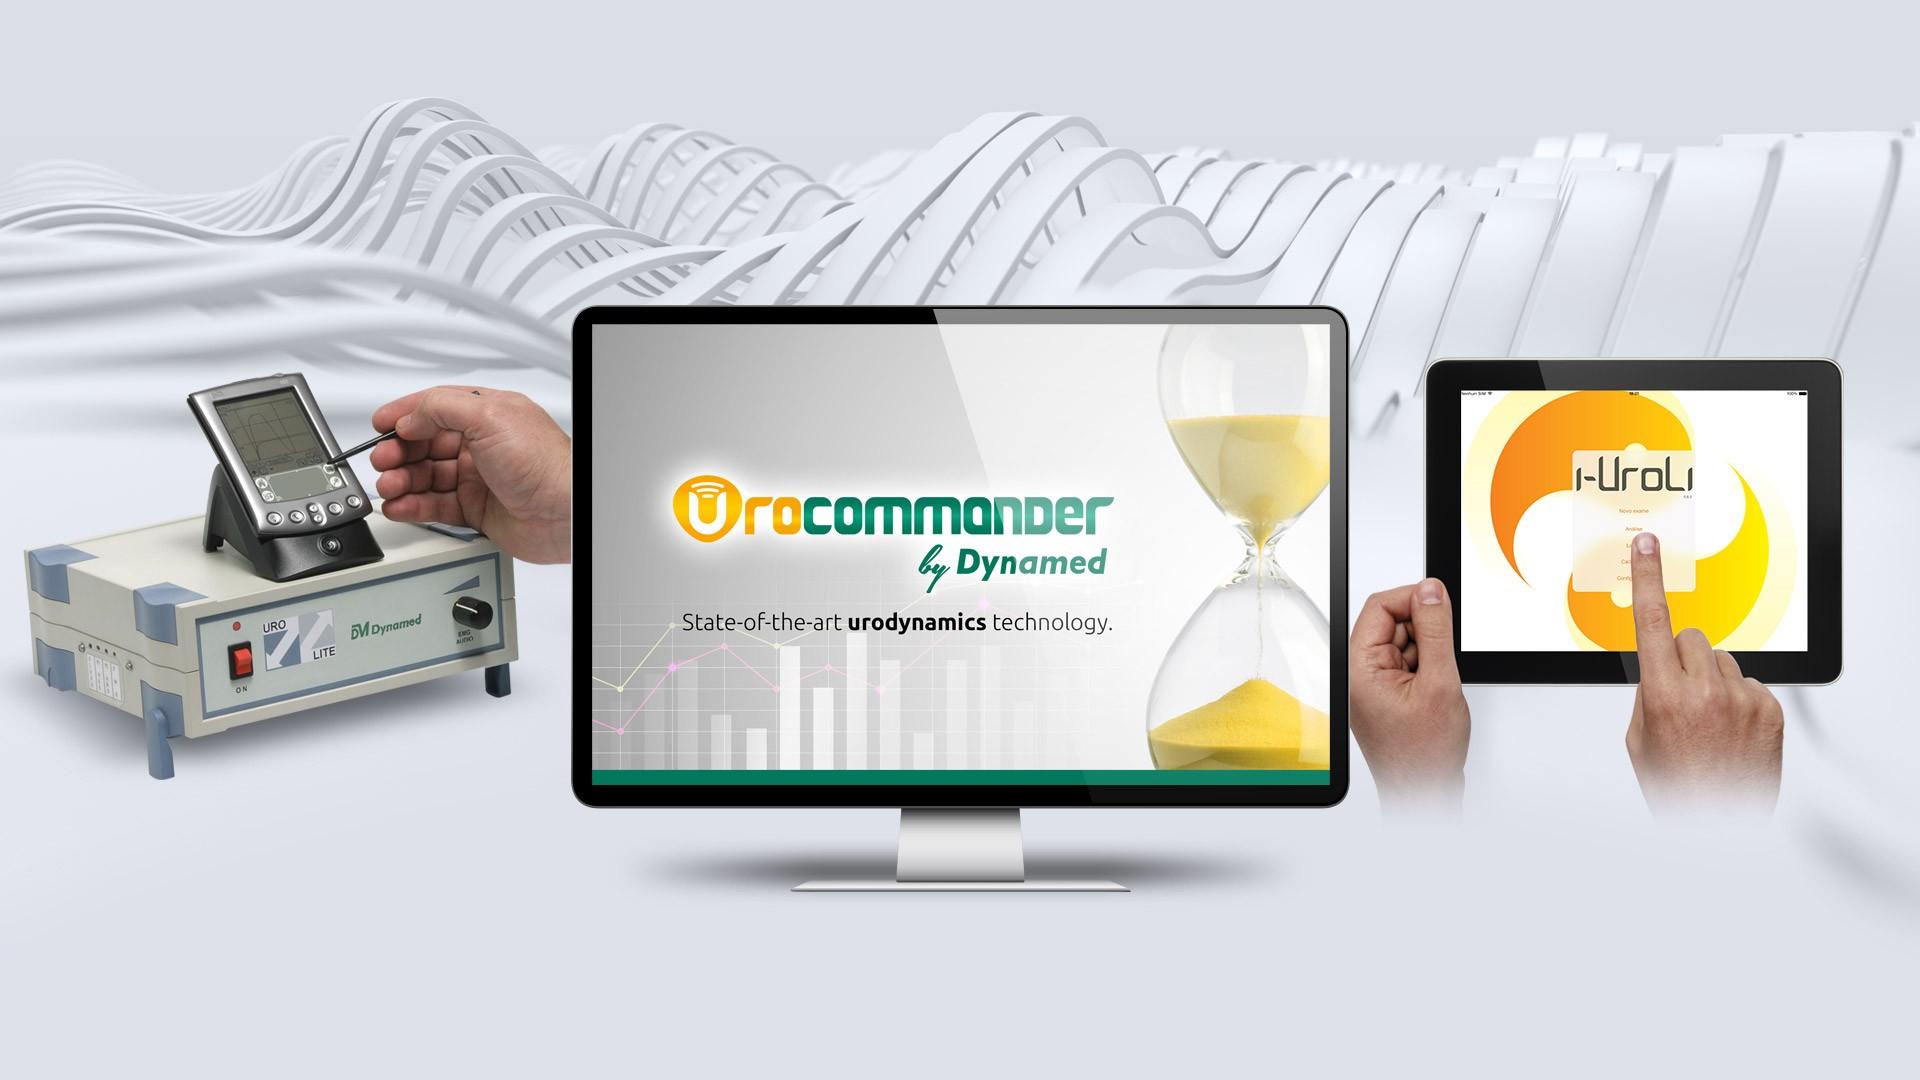 Chegou o Urocommander, o mais avançado software para Urodinâmica